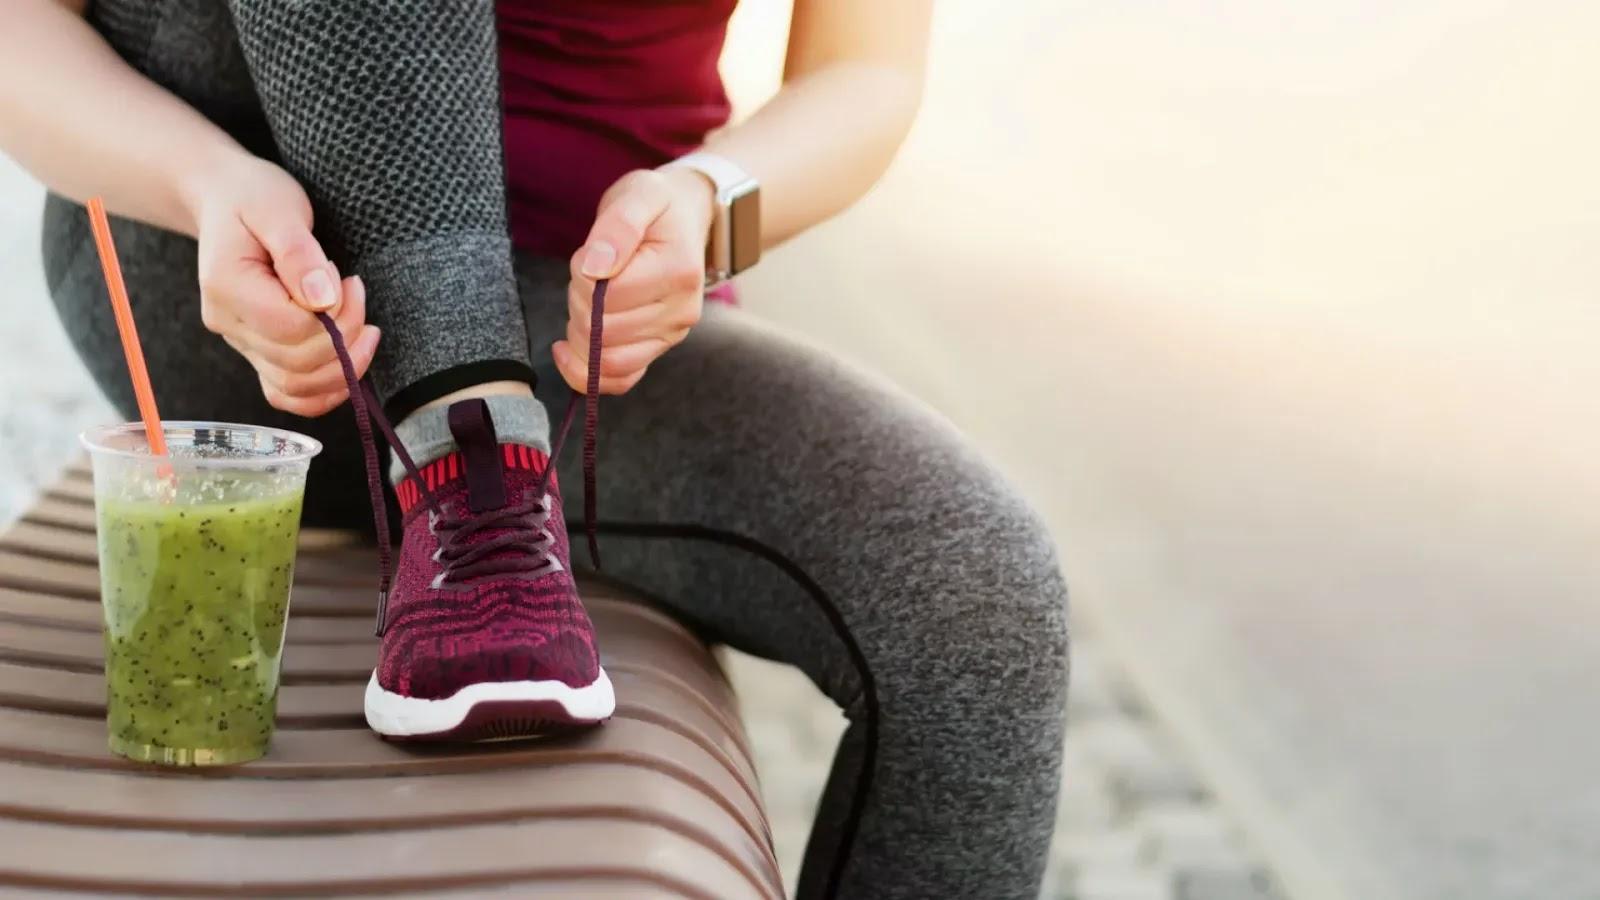 vlakna-dijeta-mršavljenje